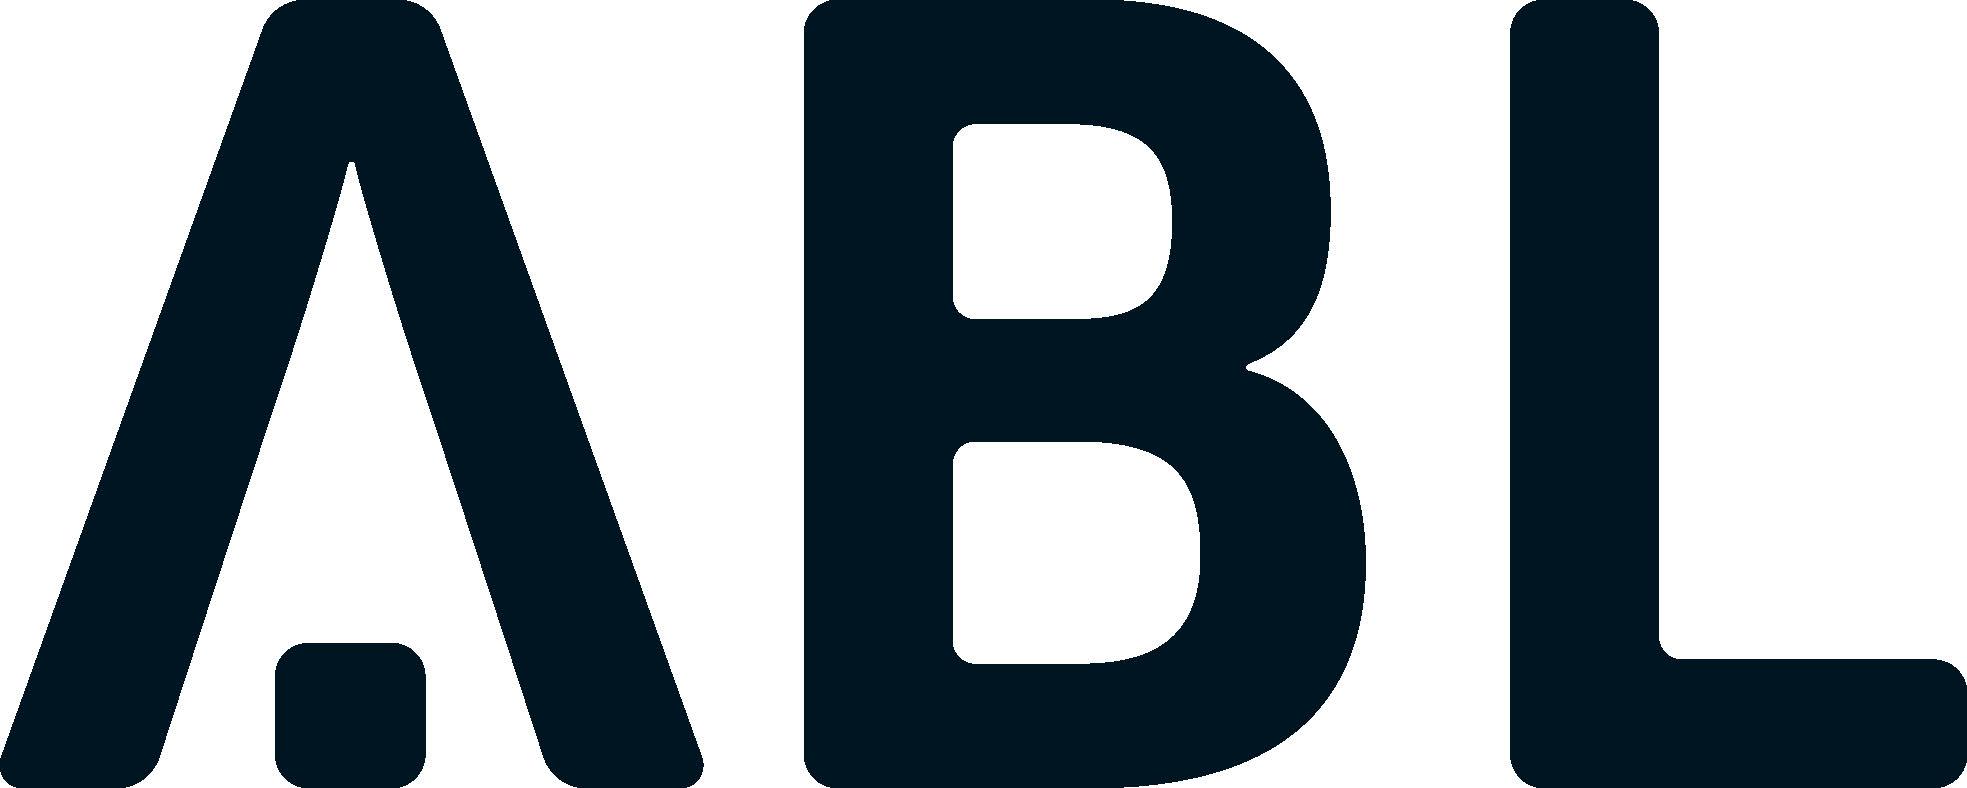 ABL SURSUM Bayr. Elektrozubehör GmbH & Co. KG